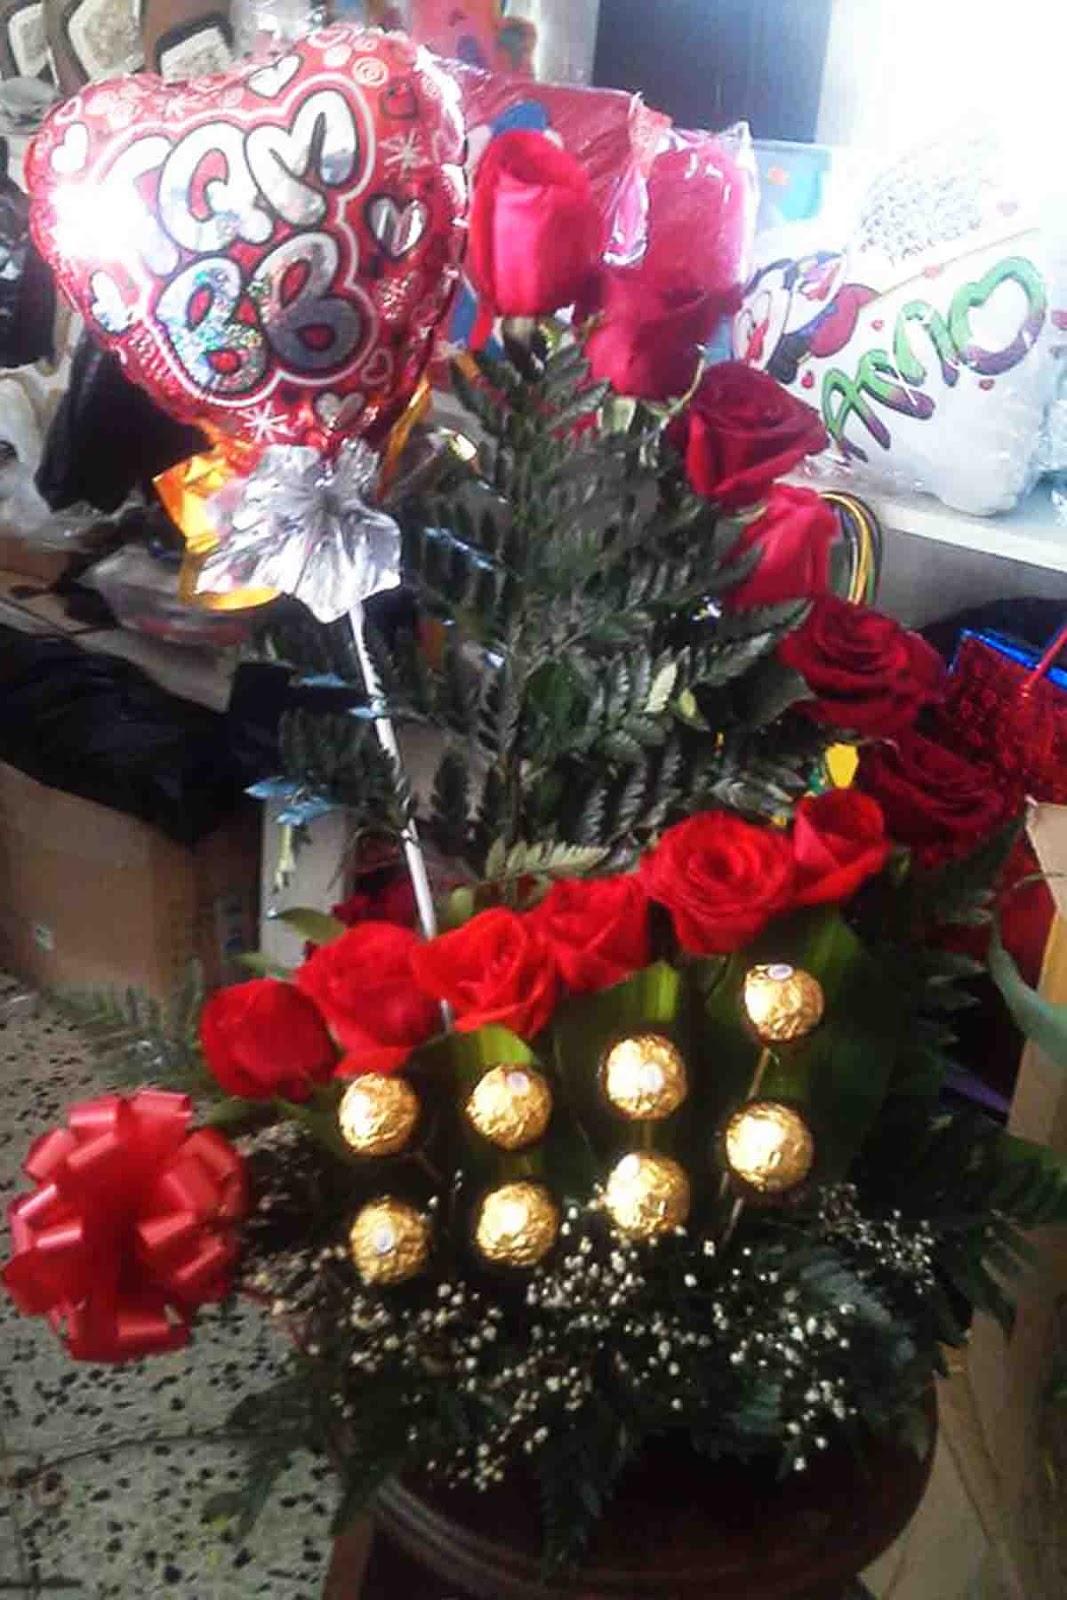 Imagenes De Arreglos Florales Para El Dia Del Amor Y La